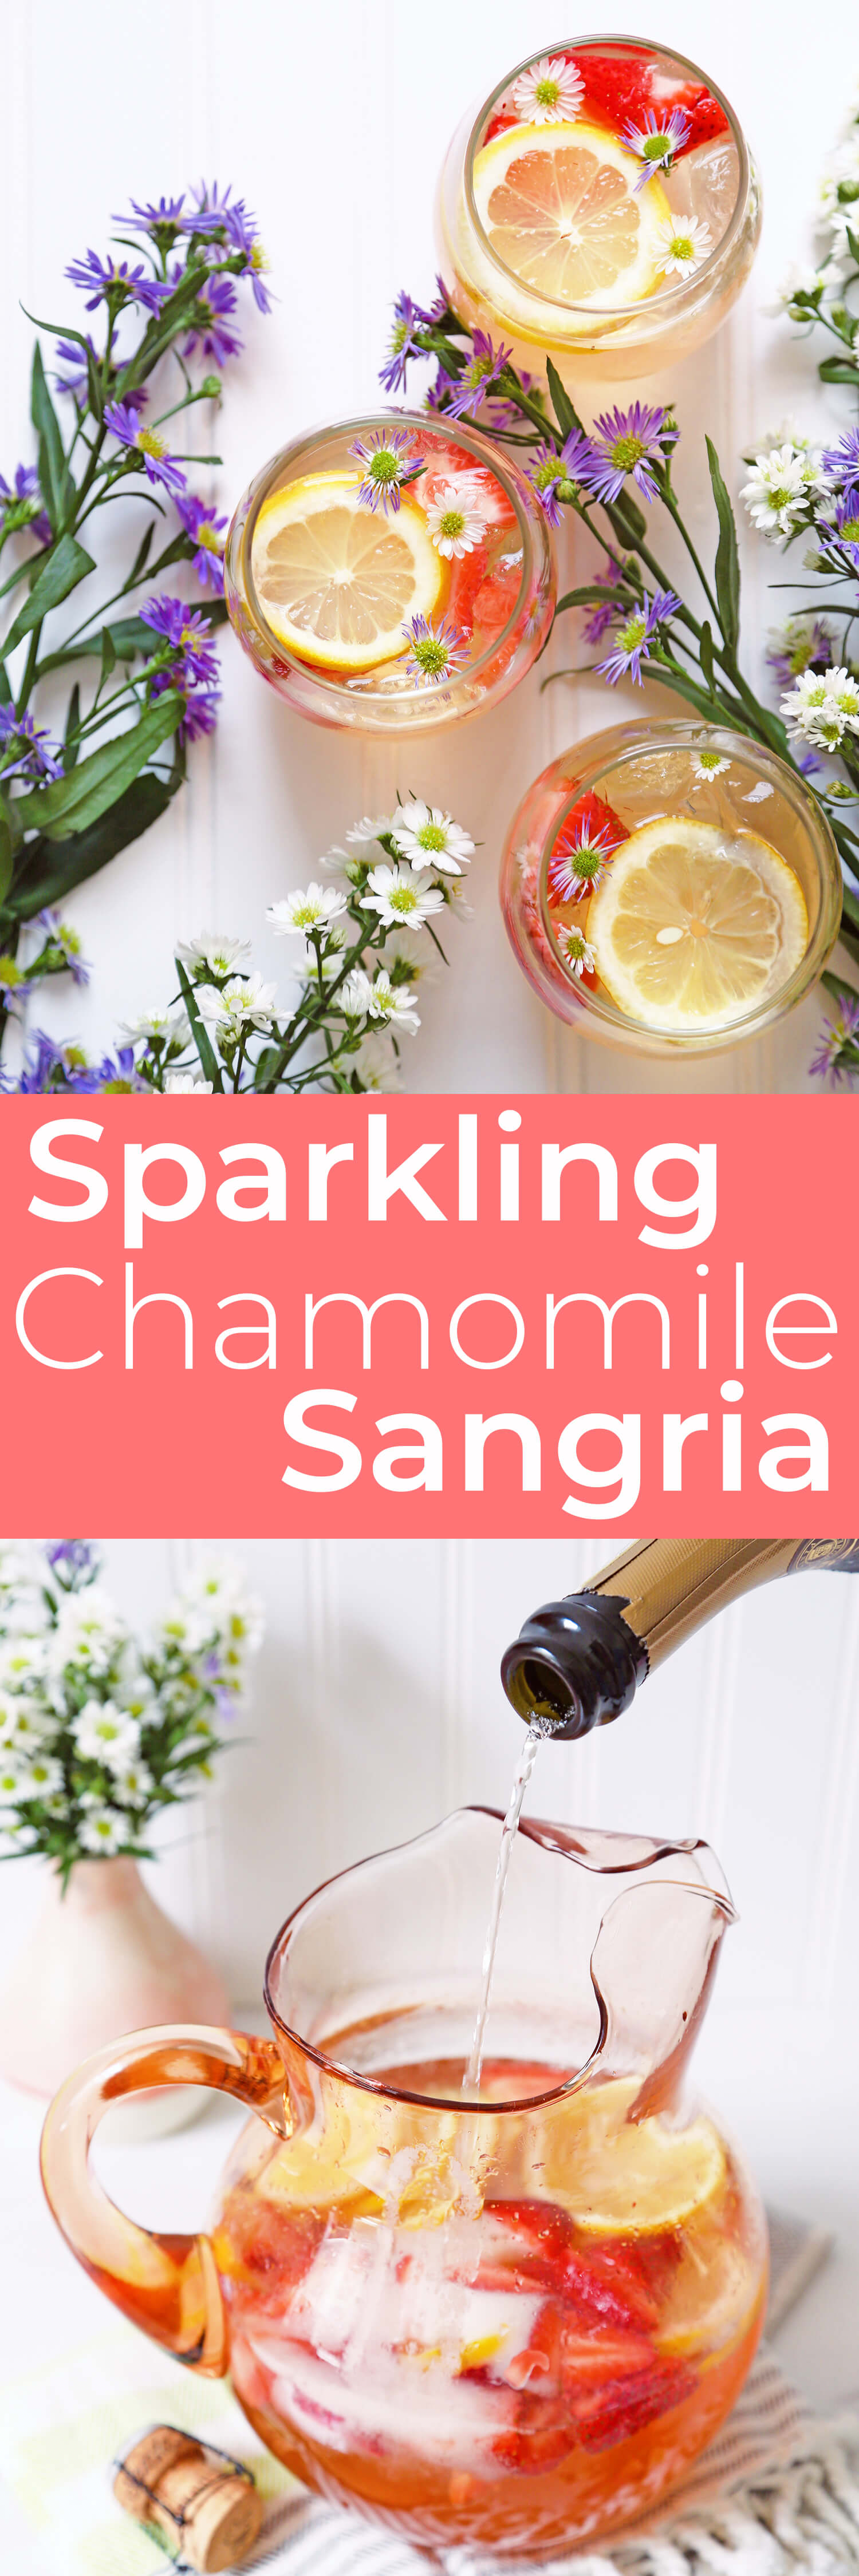 Summer Solstice Sparkling Chamomile Sangria